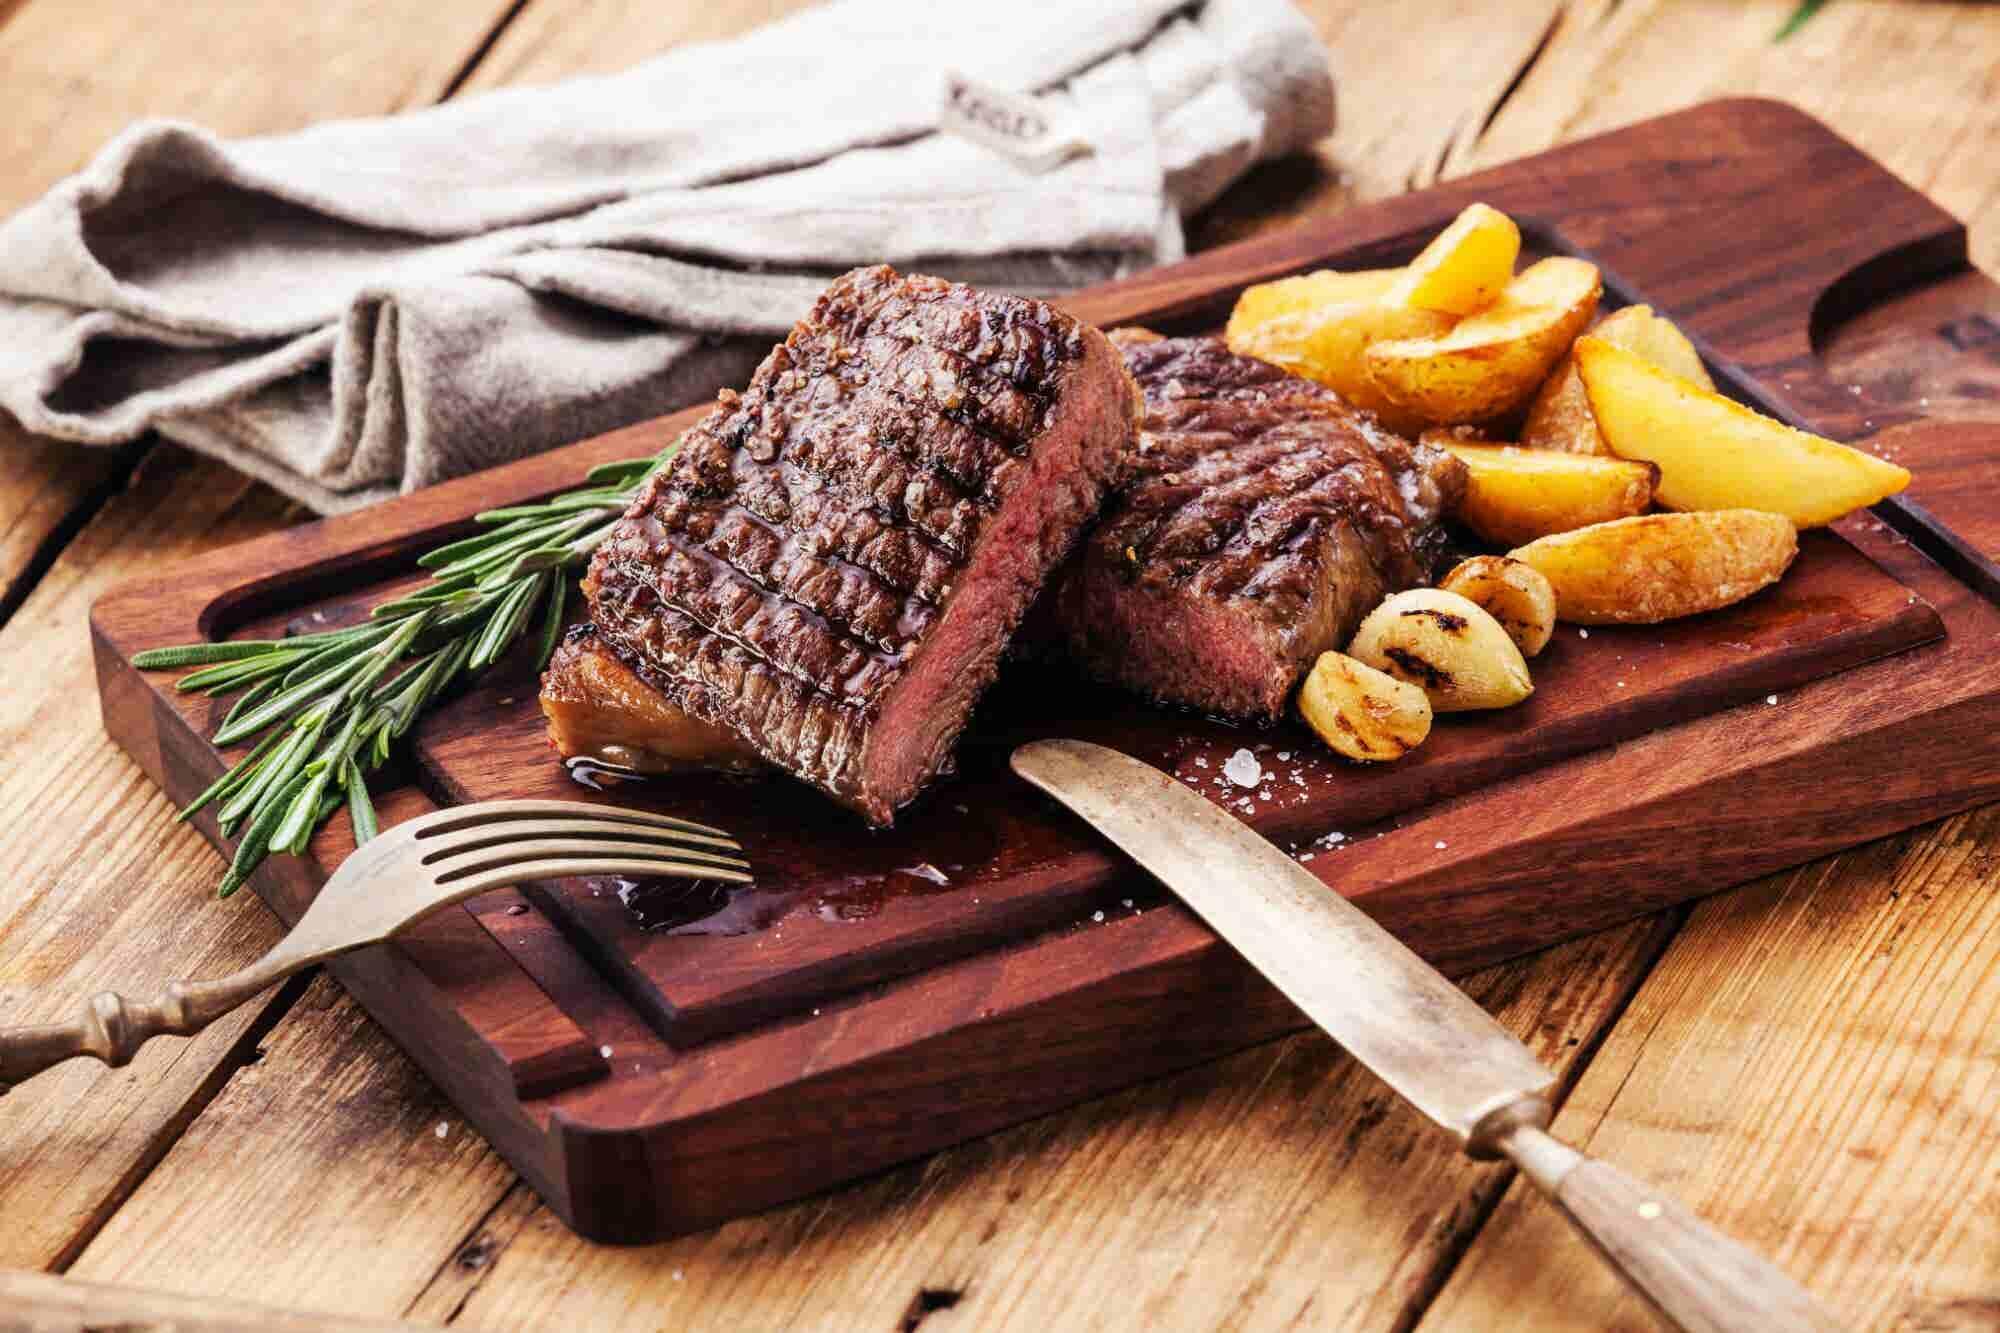 Comer menos carne, ¿salvaría al planeta?